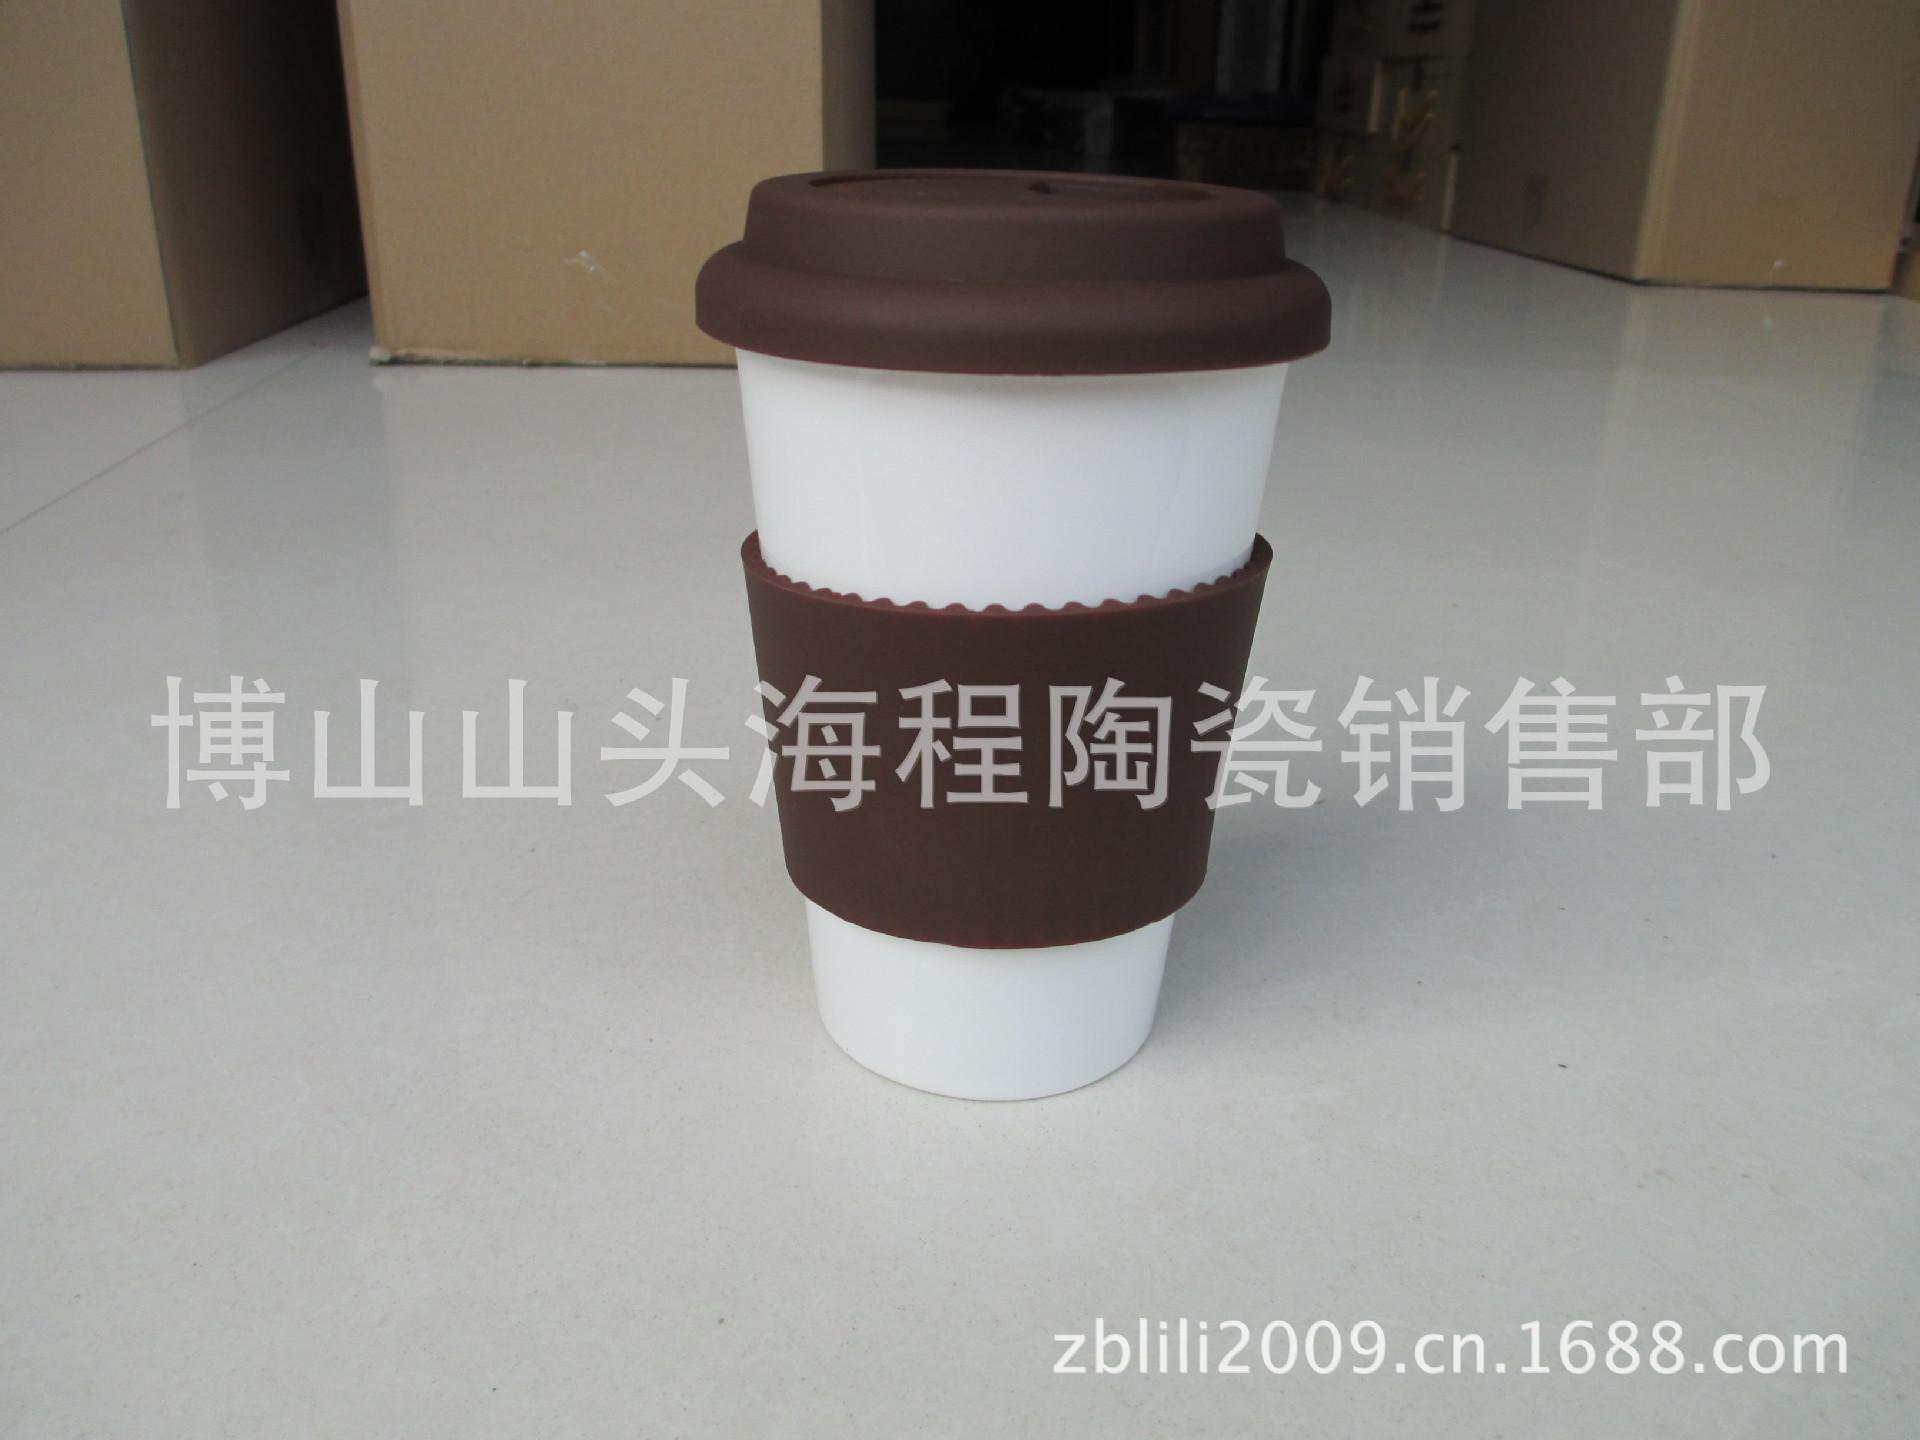 【厂家直供】山东特价陶瓷杯子 新颖广告礼品促销陶瓷杯